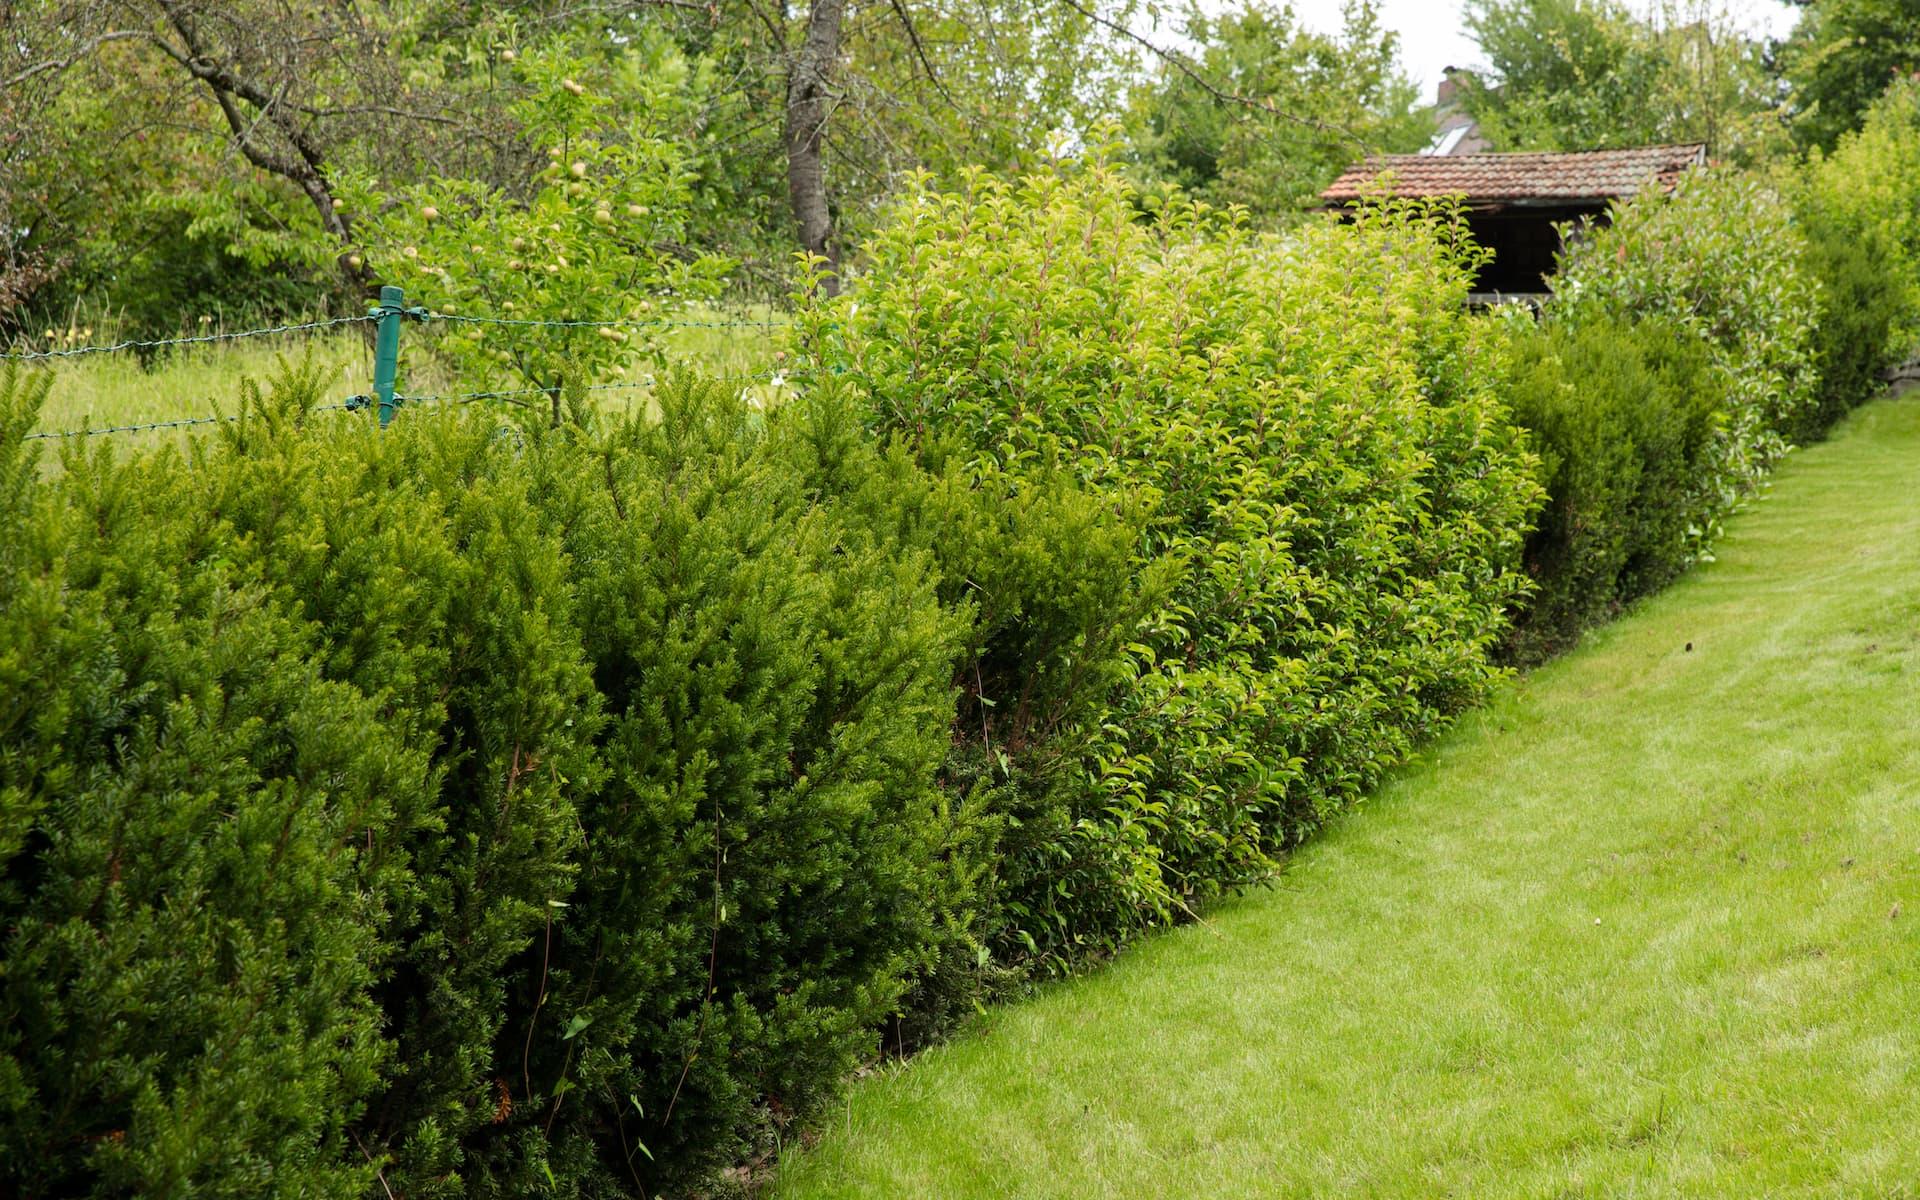 Grenzbepflanzung nach vorheriger Entfernung von schadhaften Altpflanzen mit Spezialgerät